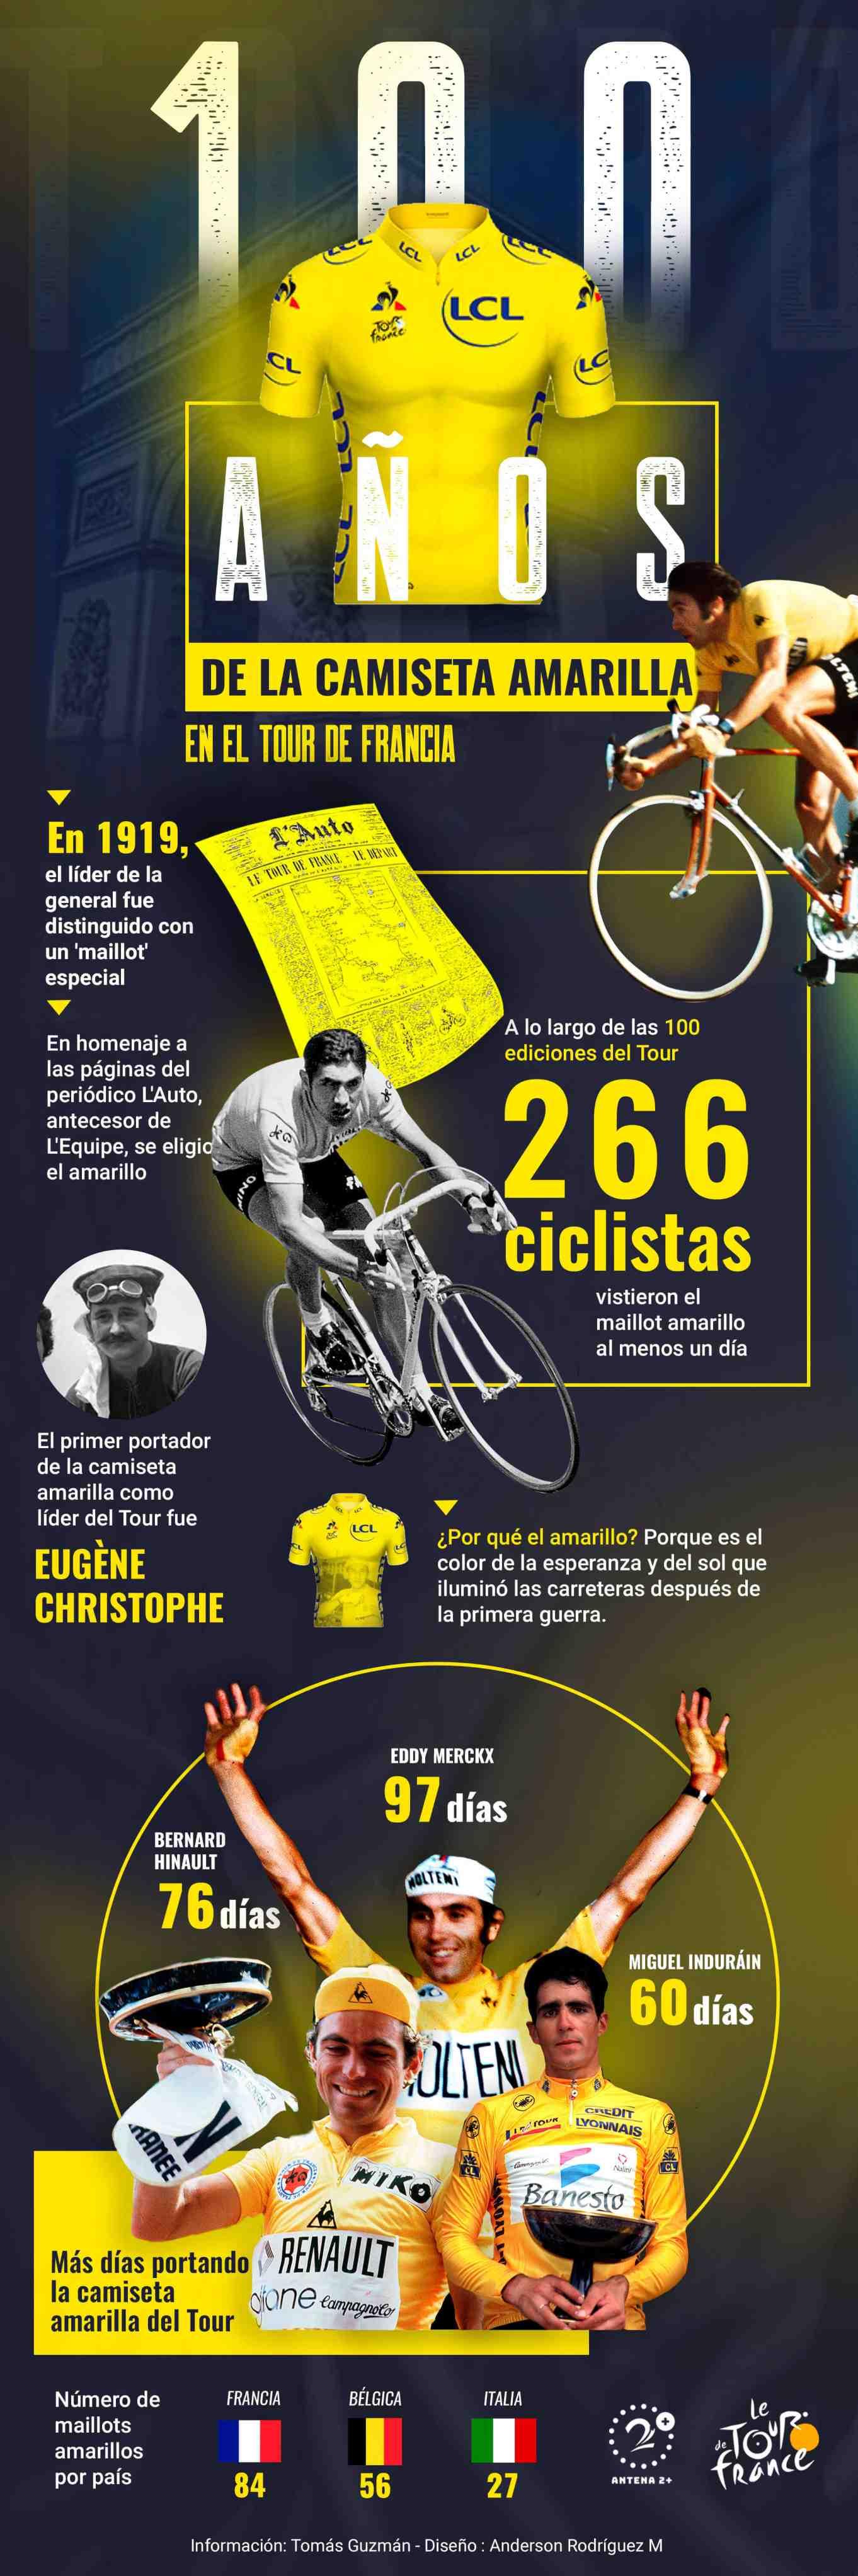 Maillot amarillo - Tour de Francia